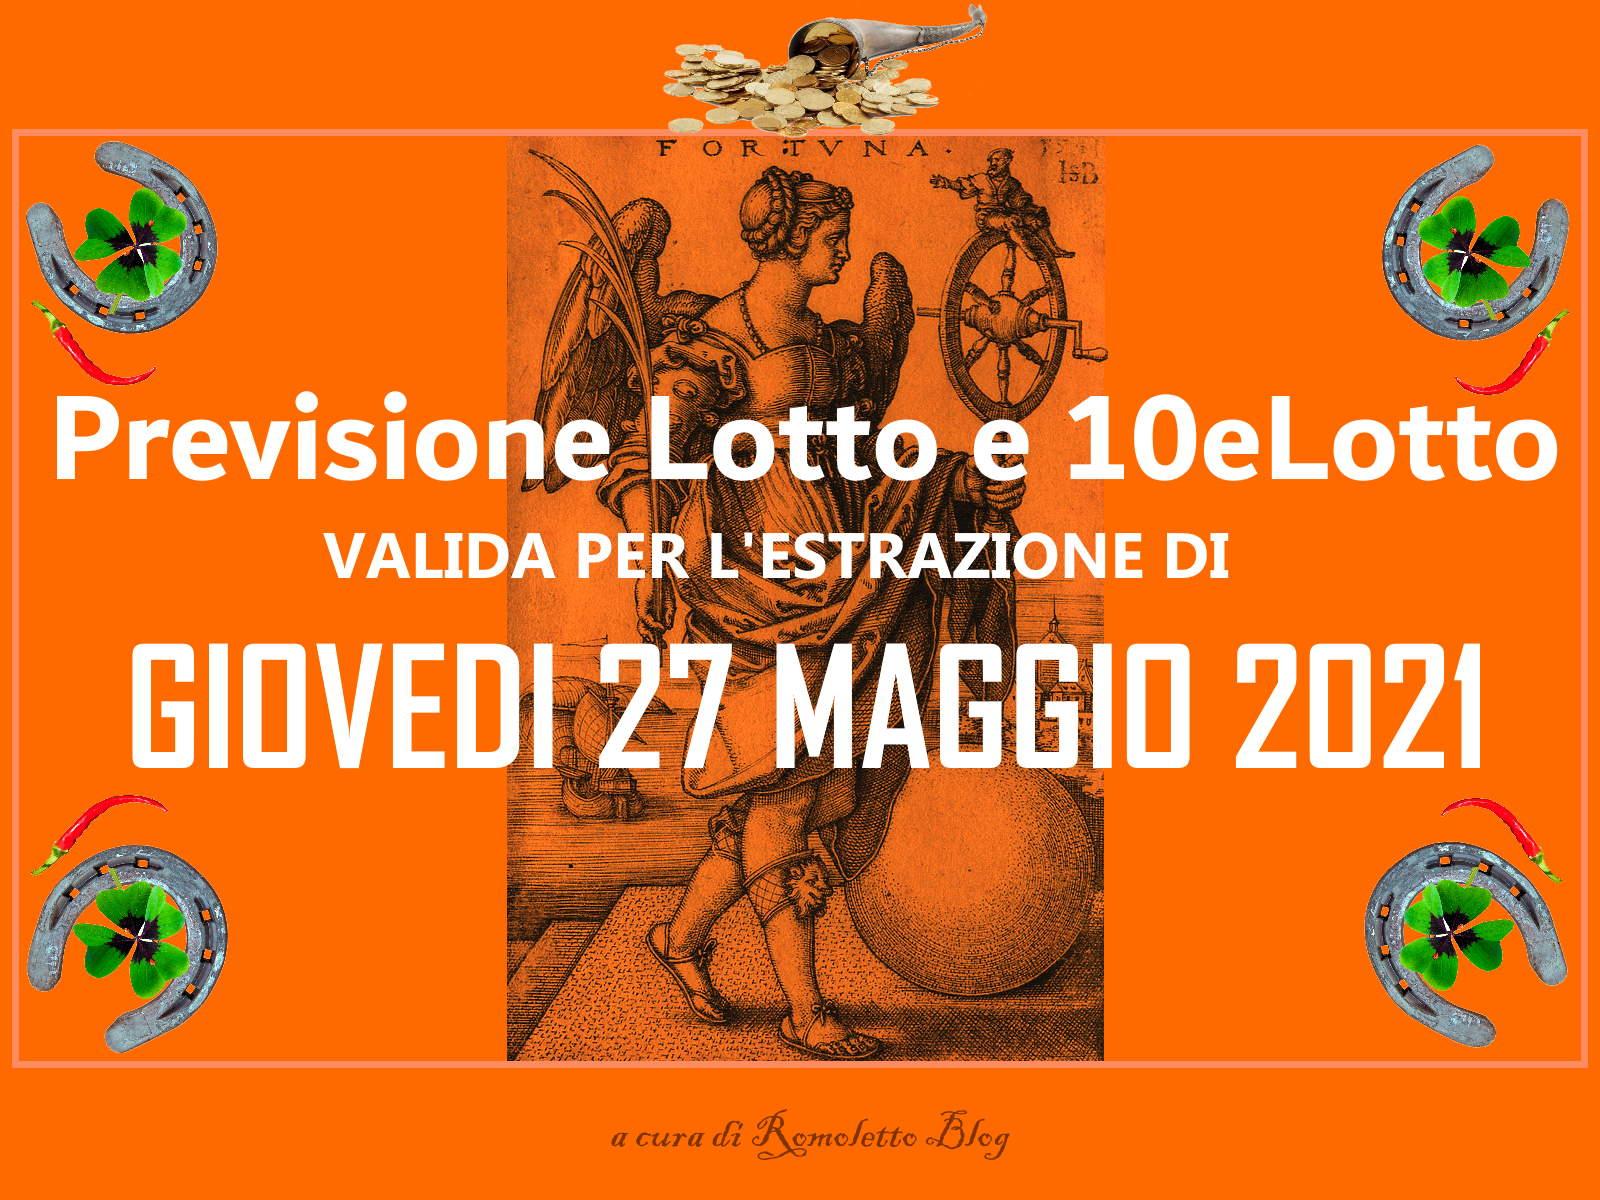 Previsione Lotto 27 Maggio 2021